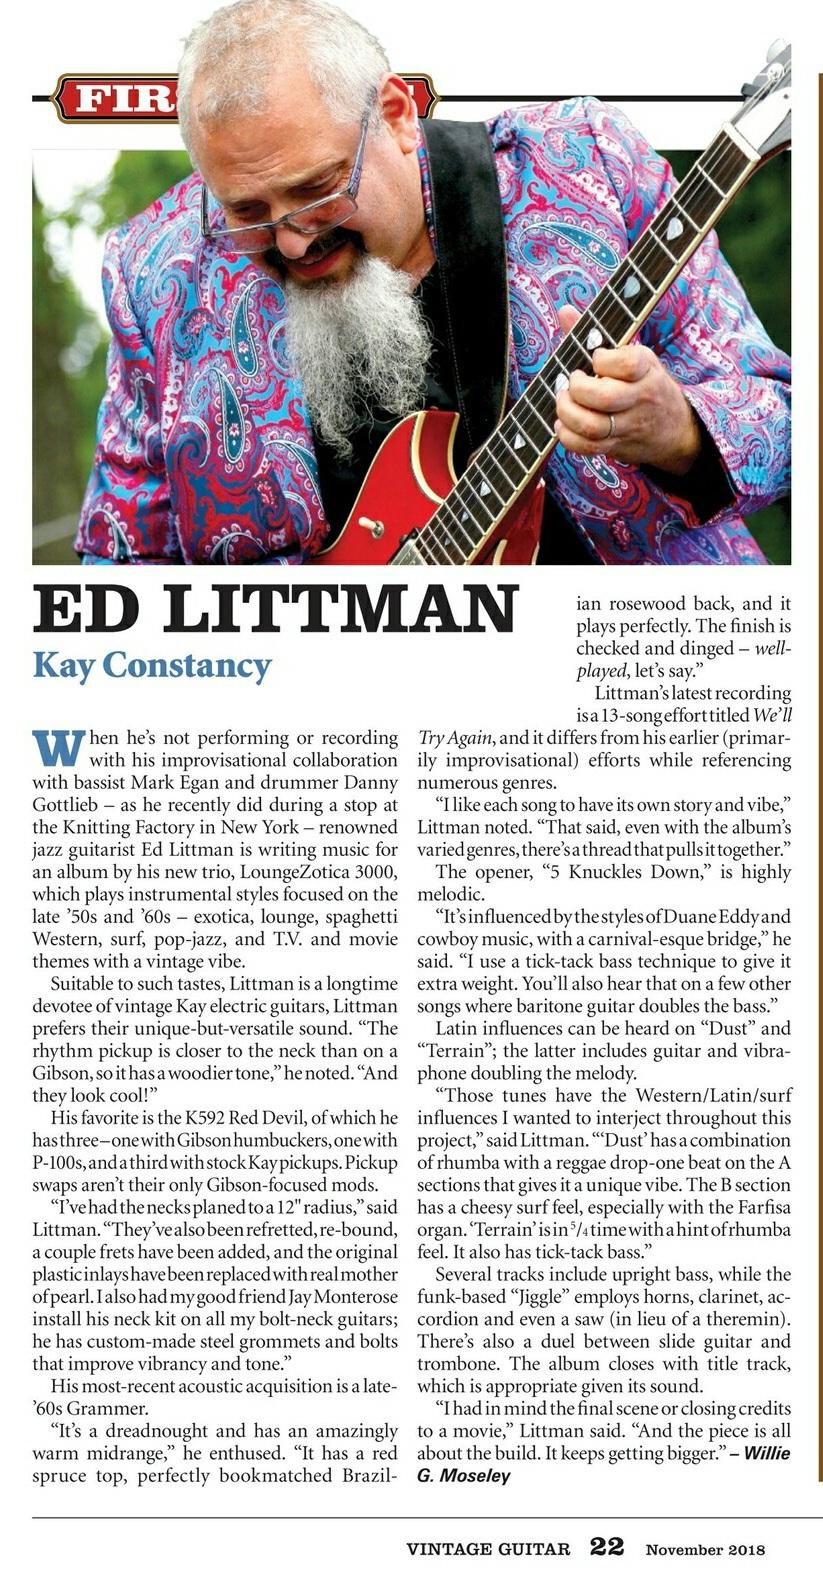 Vintage+Guitar+Article+.jpg